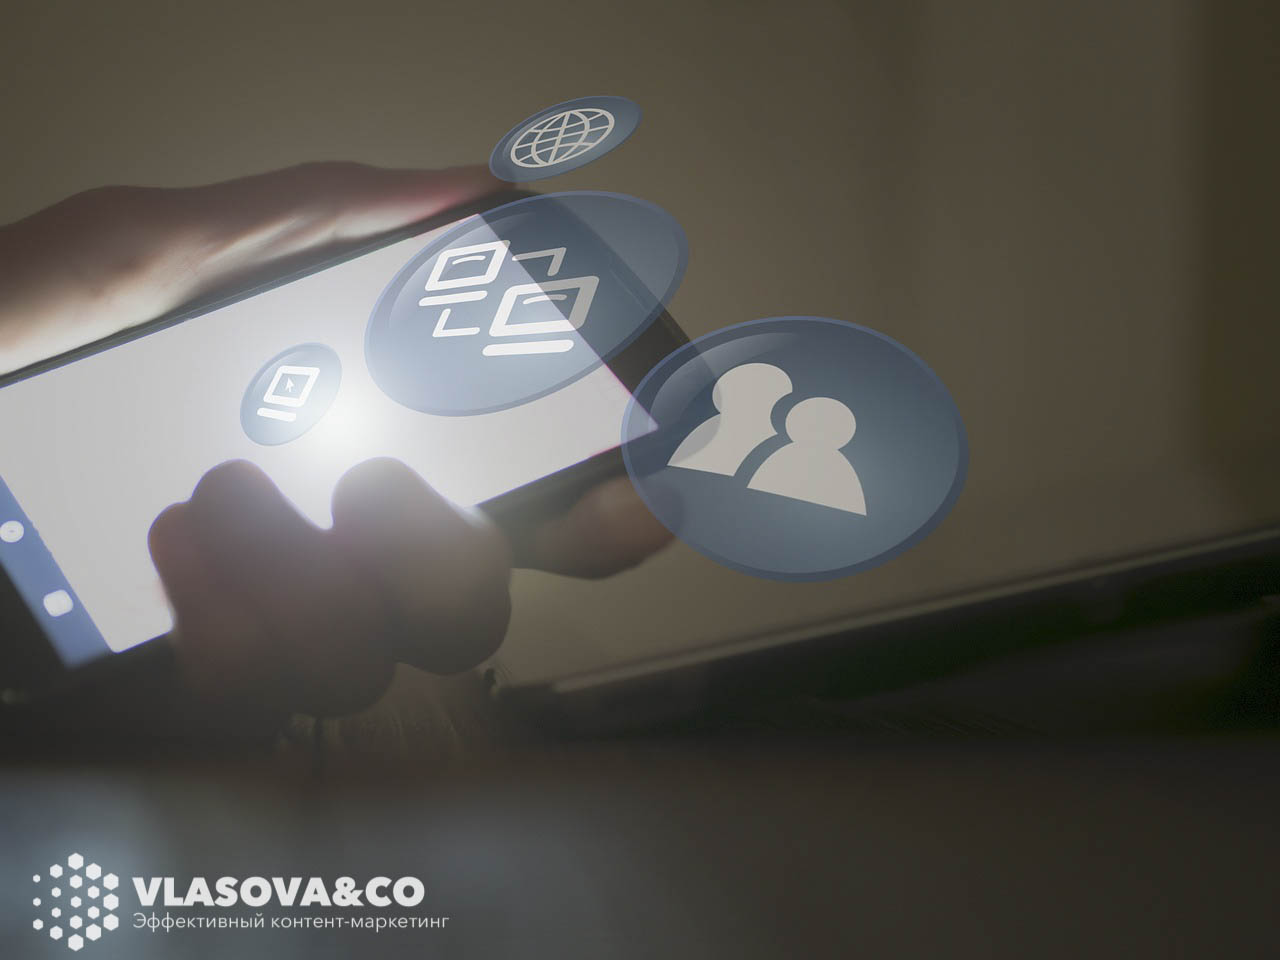 Психология SMM: Как сделать бренд популярным в соцсетях? (часть 2) фото